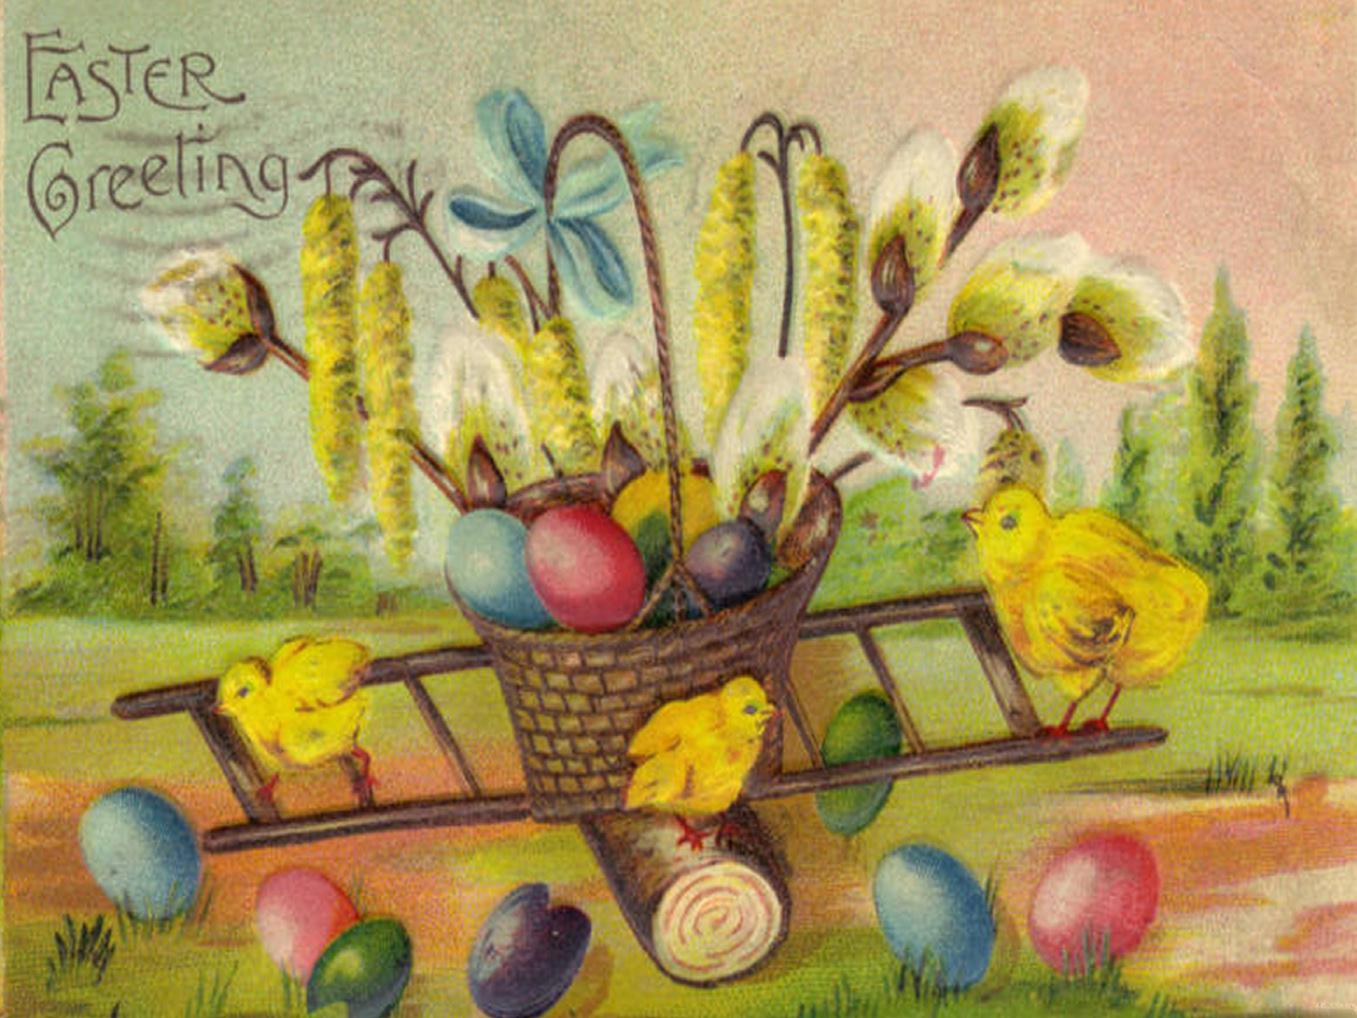 Free vintage image download-easter chicks